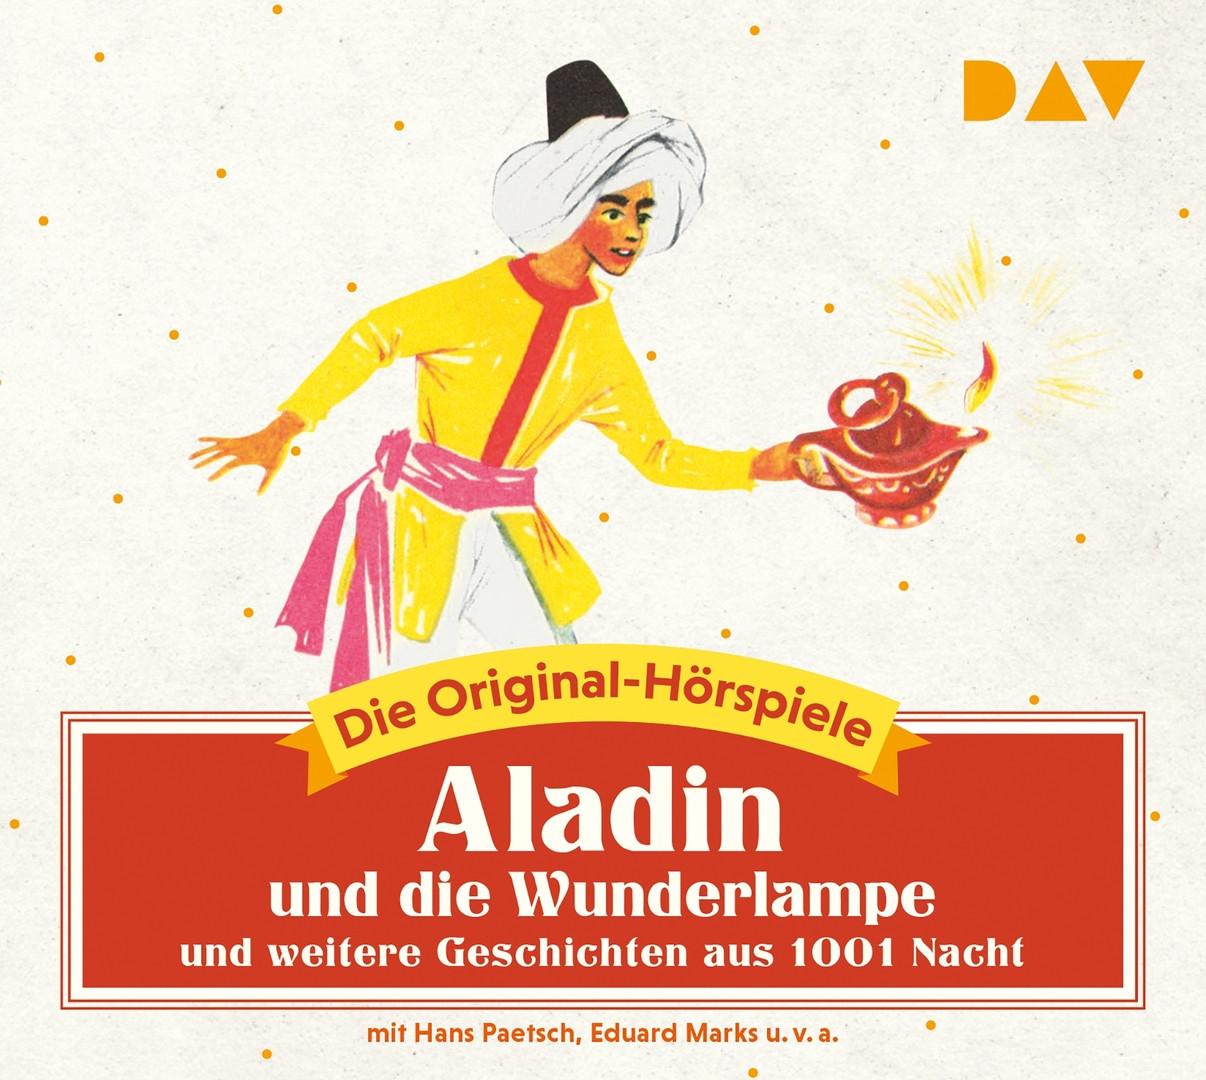 Aladin und die Wunderlampe und weitere Geschichten aus 1001 Nacht: Die Original-Hörspiele